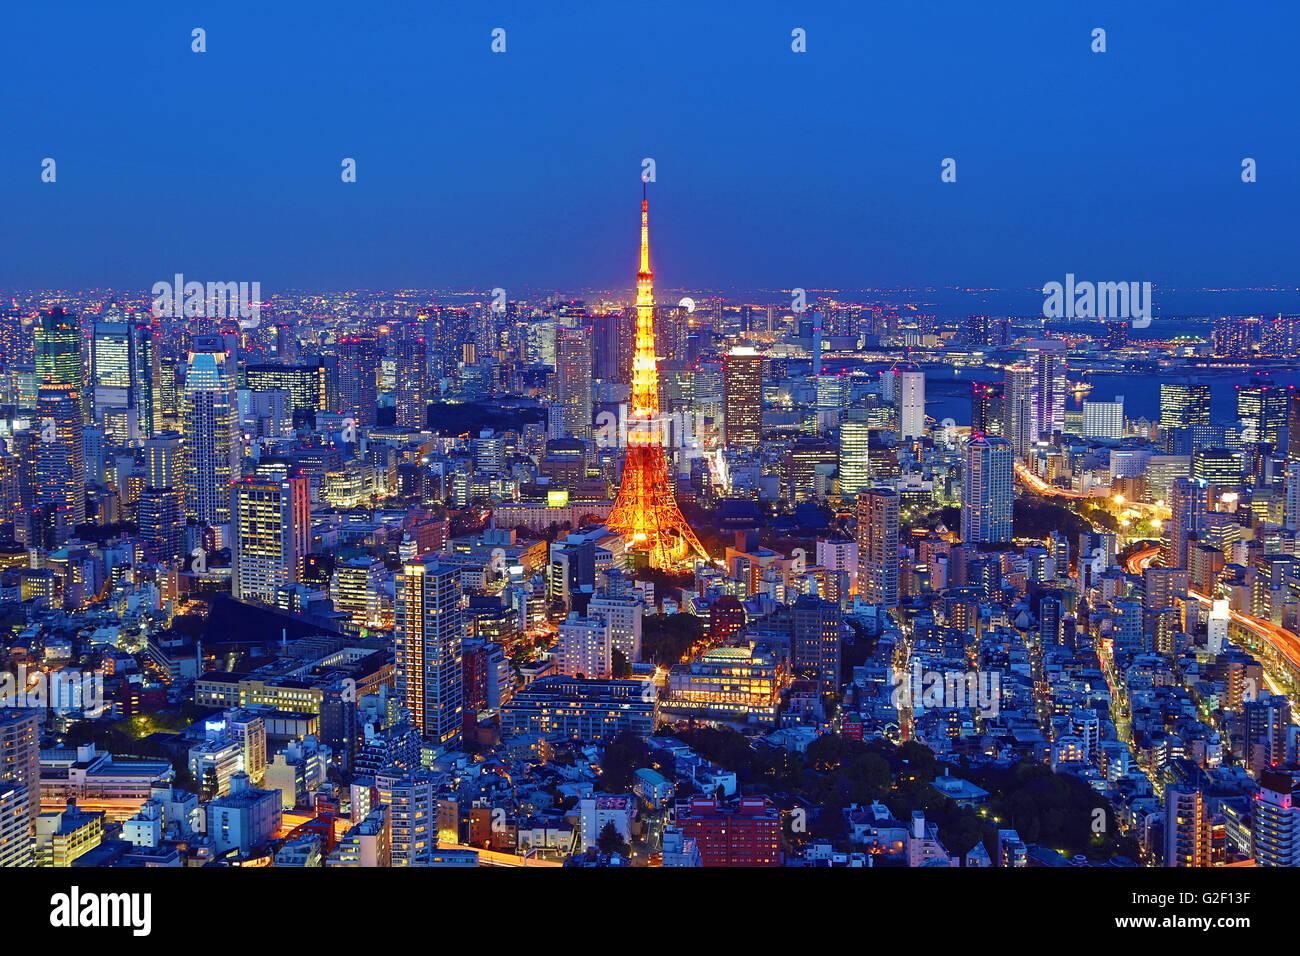 Vista general de la ciudad de noche con la Torre de Tokio Tokio, Japón Imagen De Stock